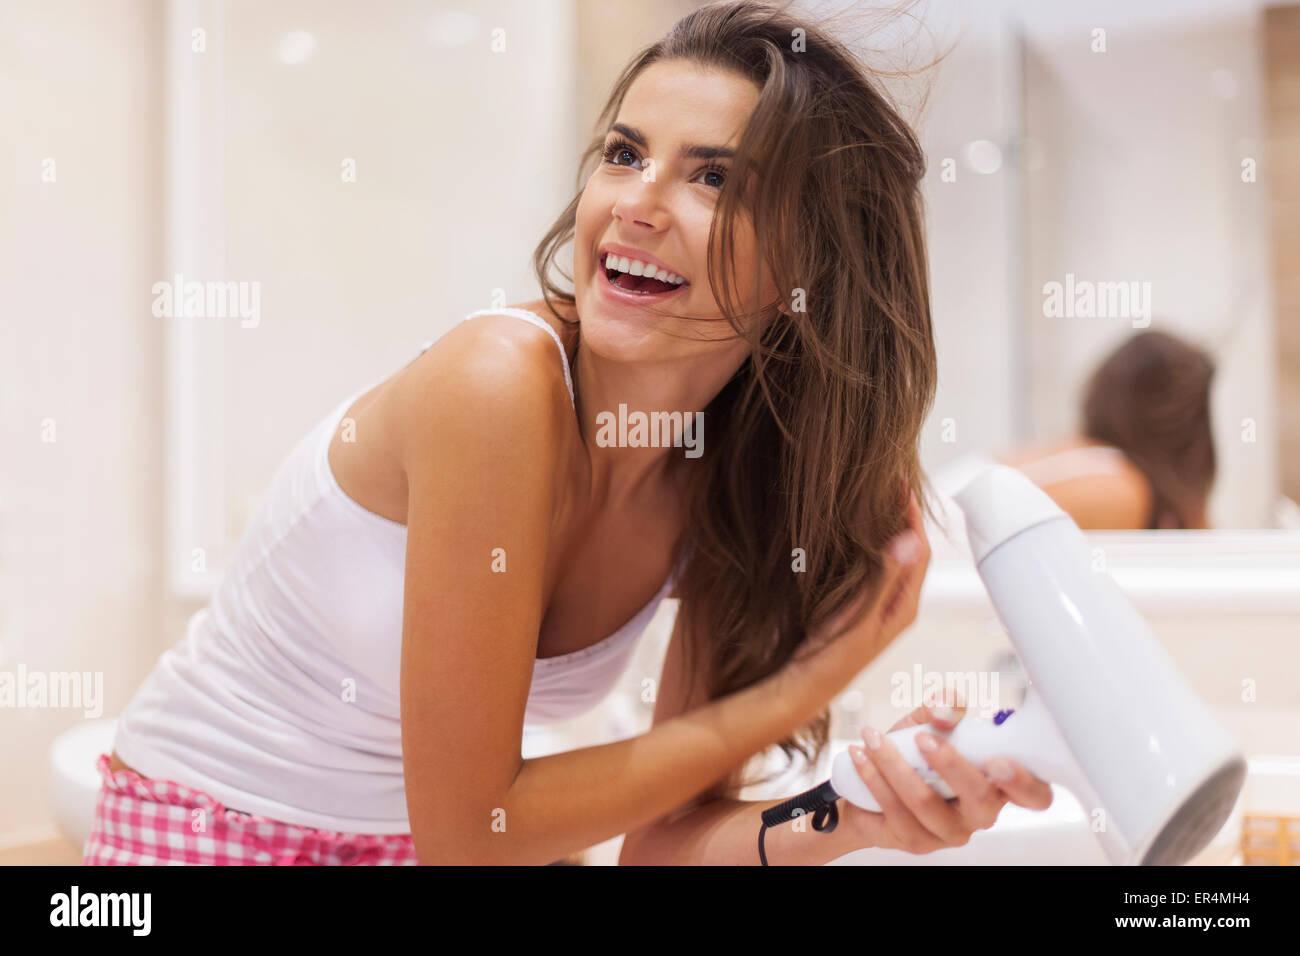 Une jeune femme souffler sécher ses cheveux dans la salle de bains. Debica, Pologne Photo Stock